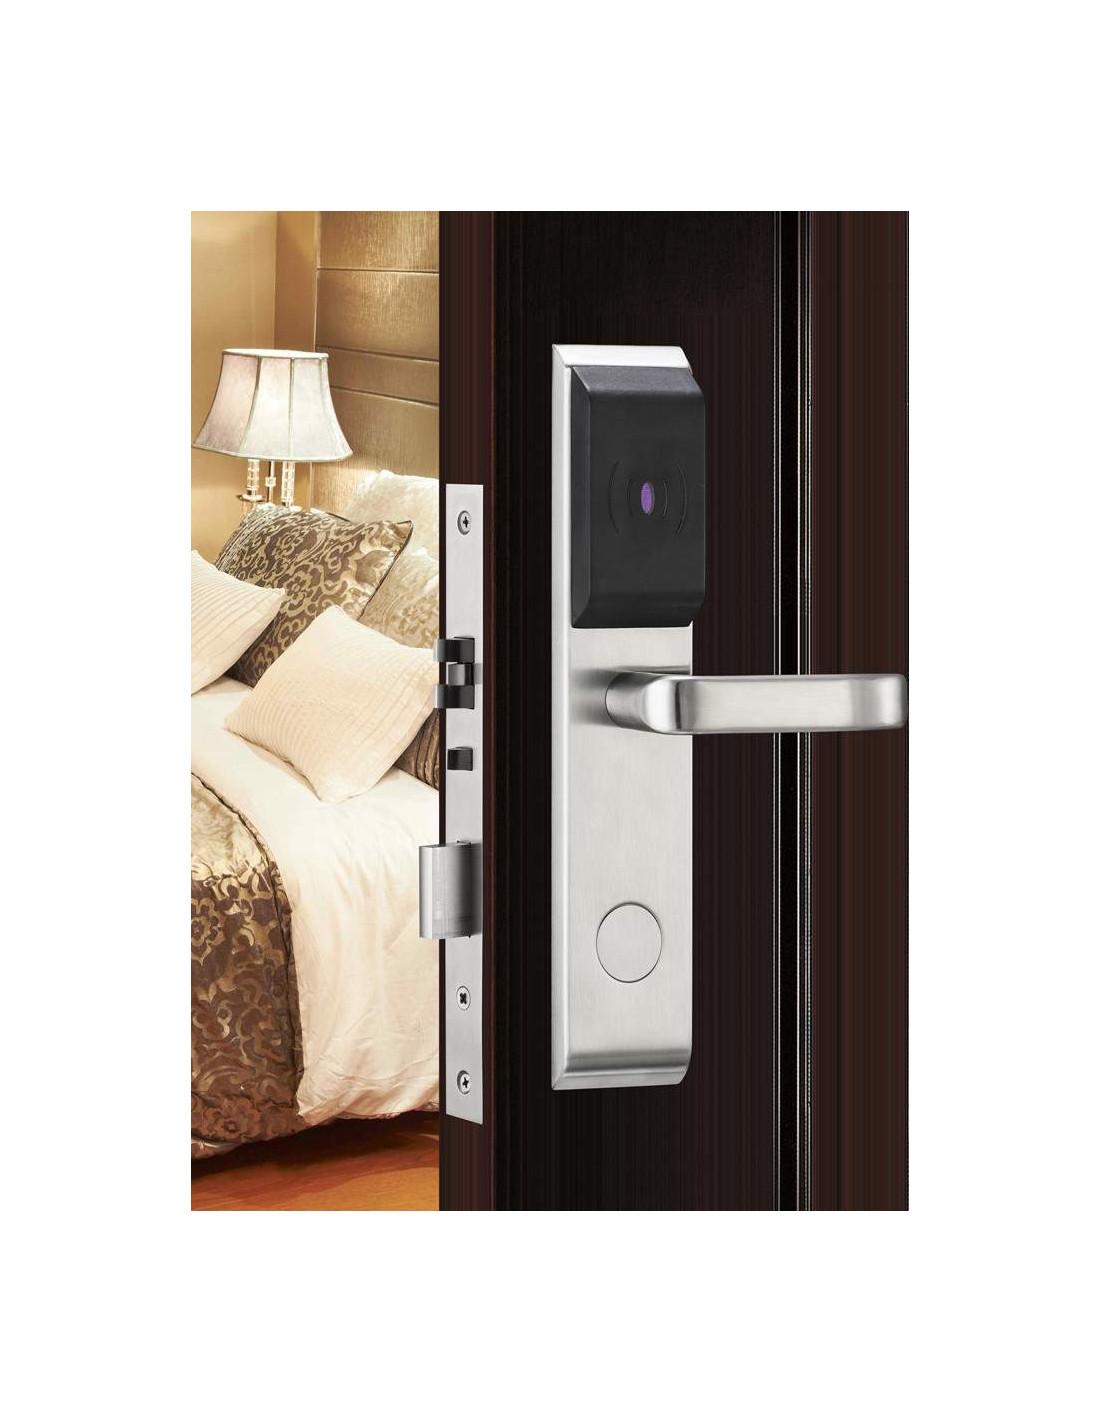 Cerraduras para hoteles con tarjeta tsimplifica - Cerraduras de seguridad precios ...